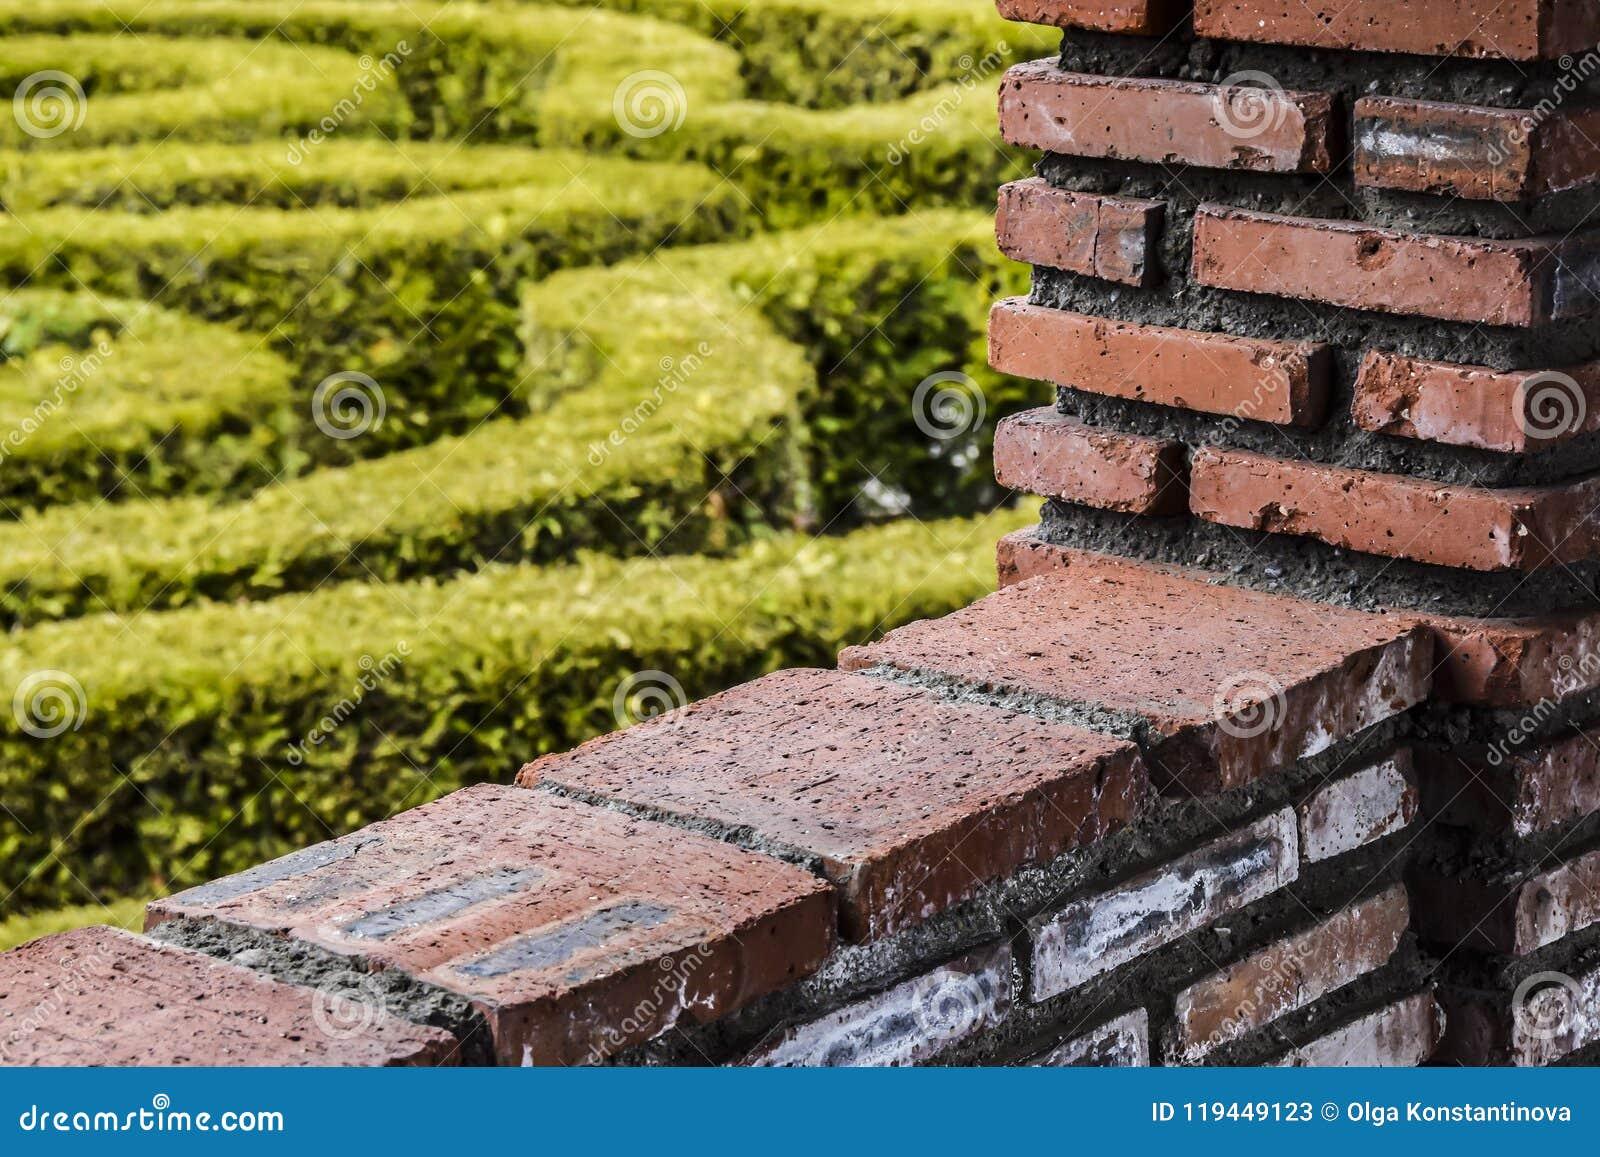 Красная кирпичная стена и зеленая абстракция предпосылки сада сравнивают